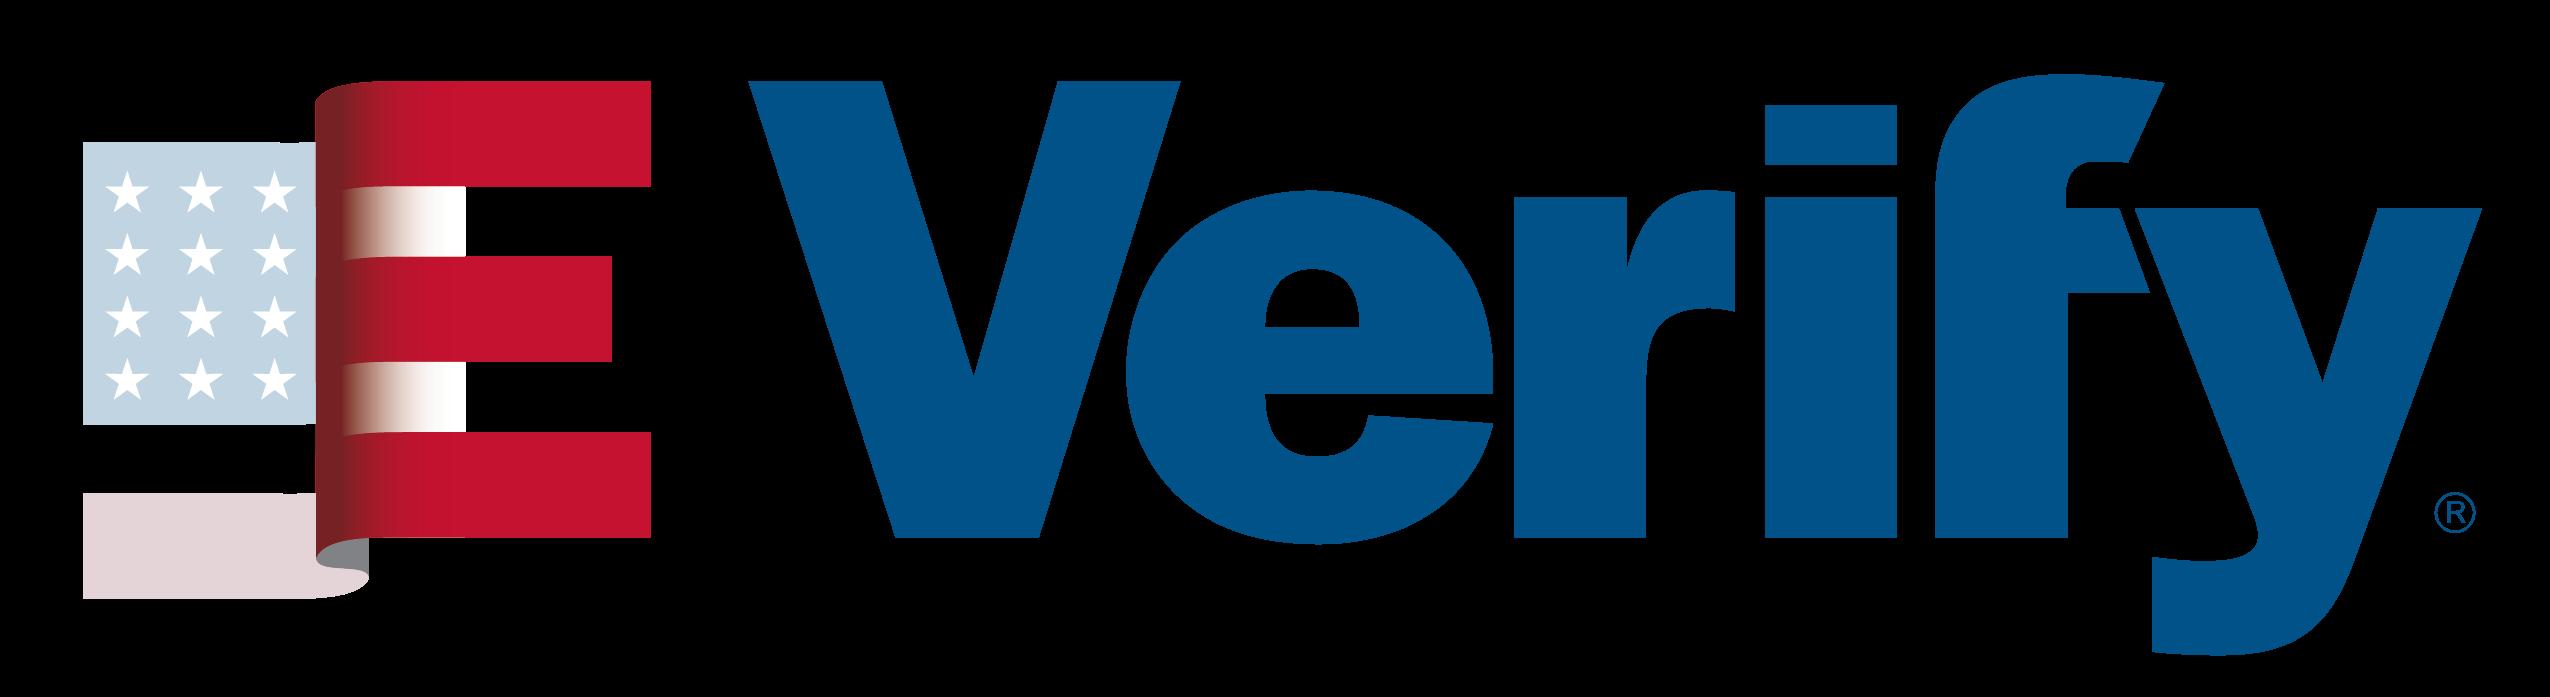 E-Verify-01